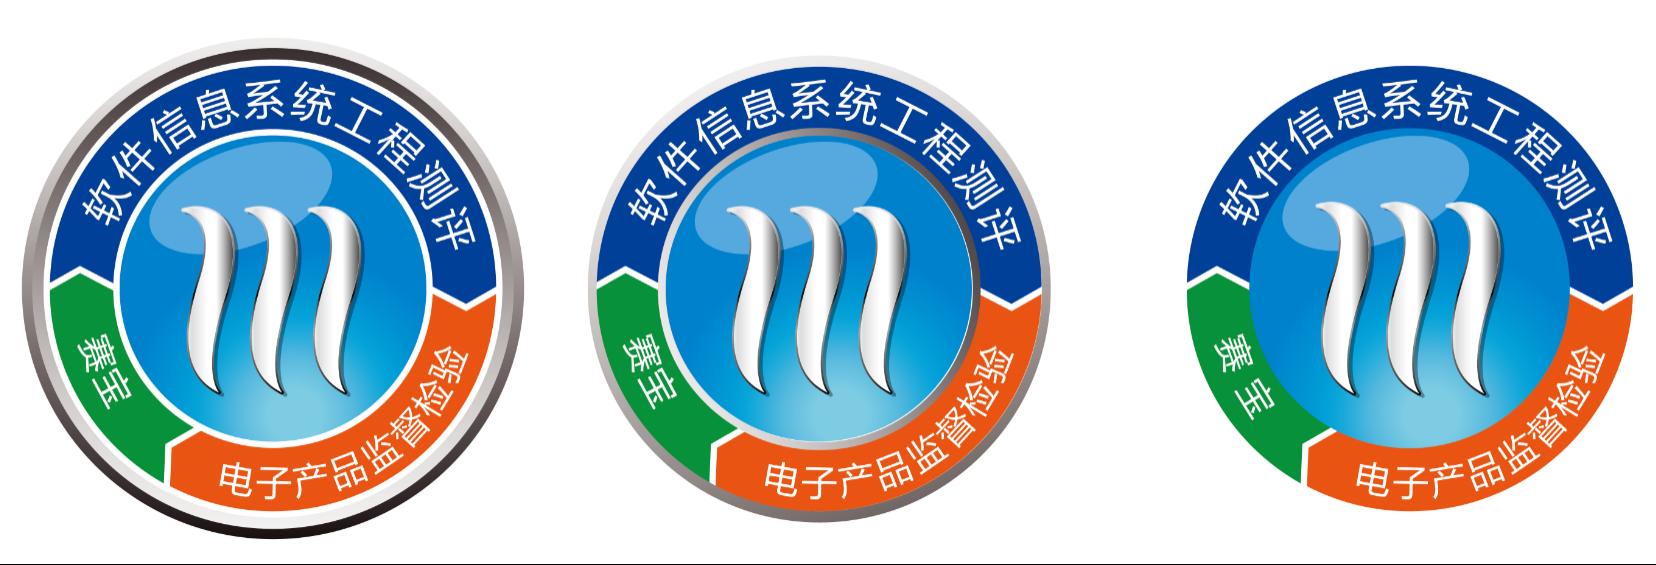 四川省电子产品监督检验所LOGO Logo设计说明 1、LOGO 整体有立体、通透感觉。 2、四周为铂金质感圆环椭圆环。代表软件和信息系统工程测评以及电子产品监督检验的数据有份量。 3、圆环内侧四周均布软件和信息系统工程、电子产品、ERPE实验室字样。代表该单位的三项主要业务。 4、中间为蓝宝石状的放大镜。寓意测评工作与监督检验工作的宗旨在于从细节入手、从细微着眼、放大视角,致力于帮助产品生产者与使用者及时发现潜在问题、分析问题、解决问题、完善产品。 5、居中部分为S状色带衔接四周,与铂金半圆代表的符